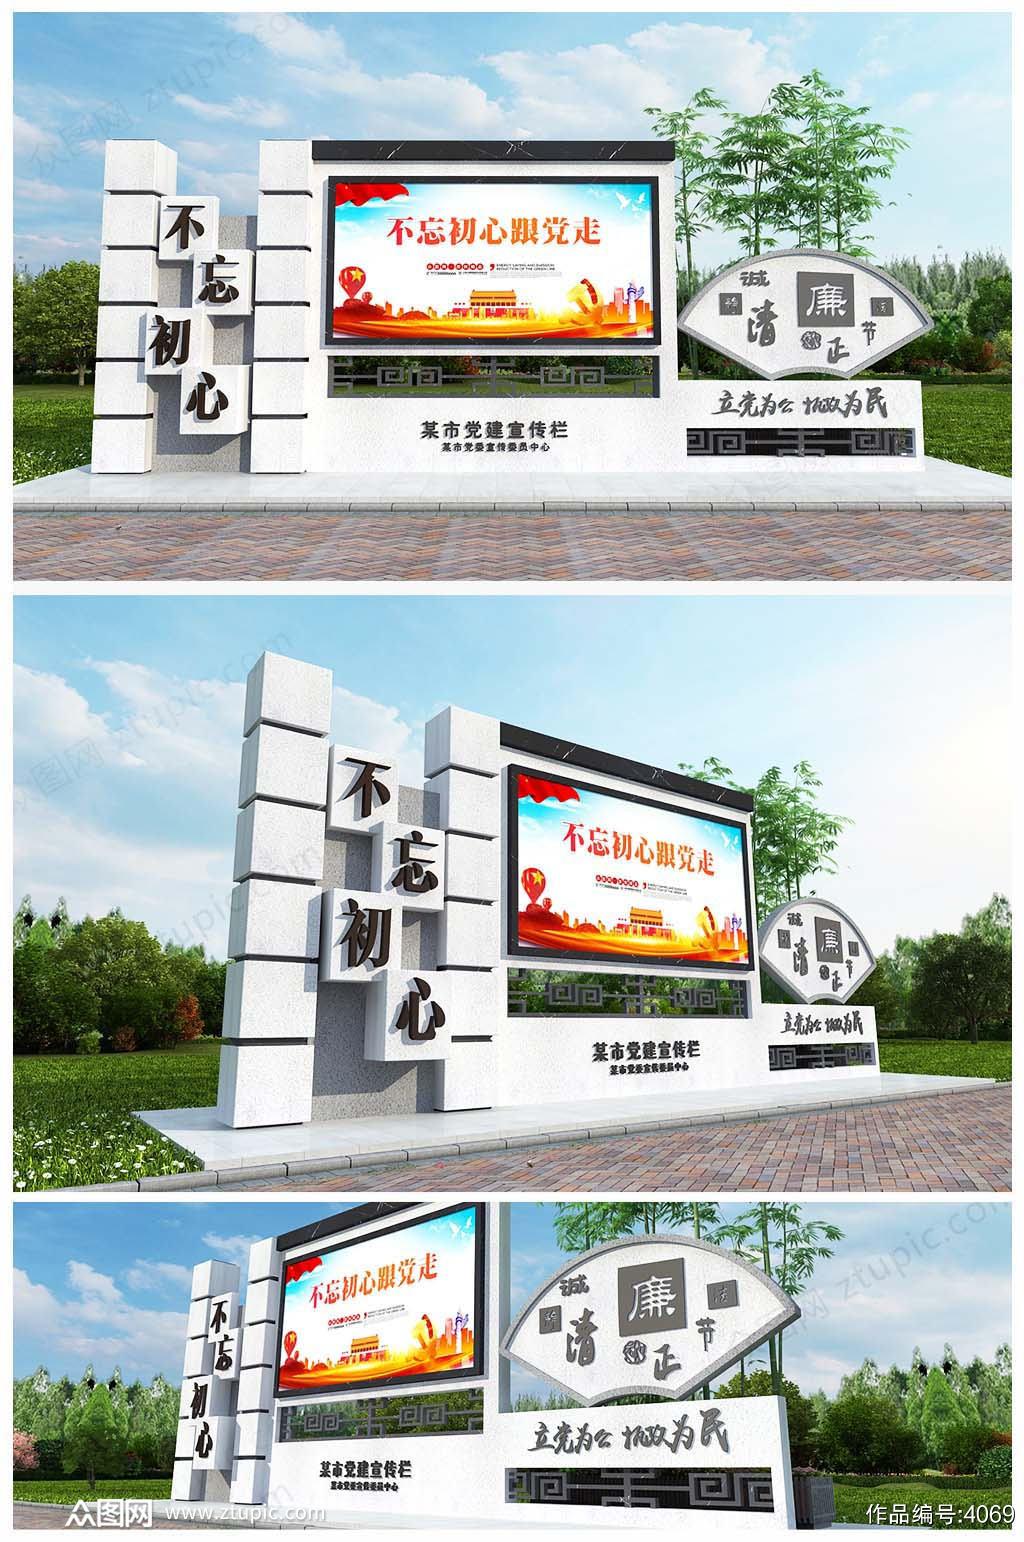 中国风党建宣传栏户外宣传栏党务公开栏素材